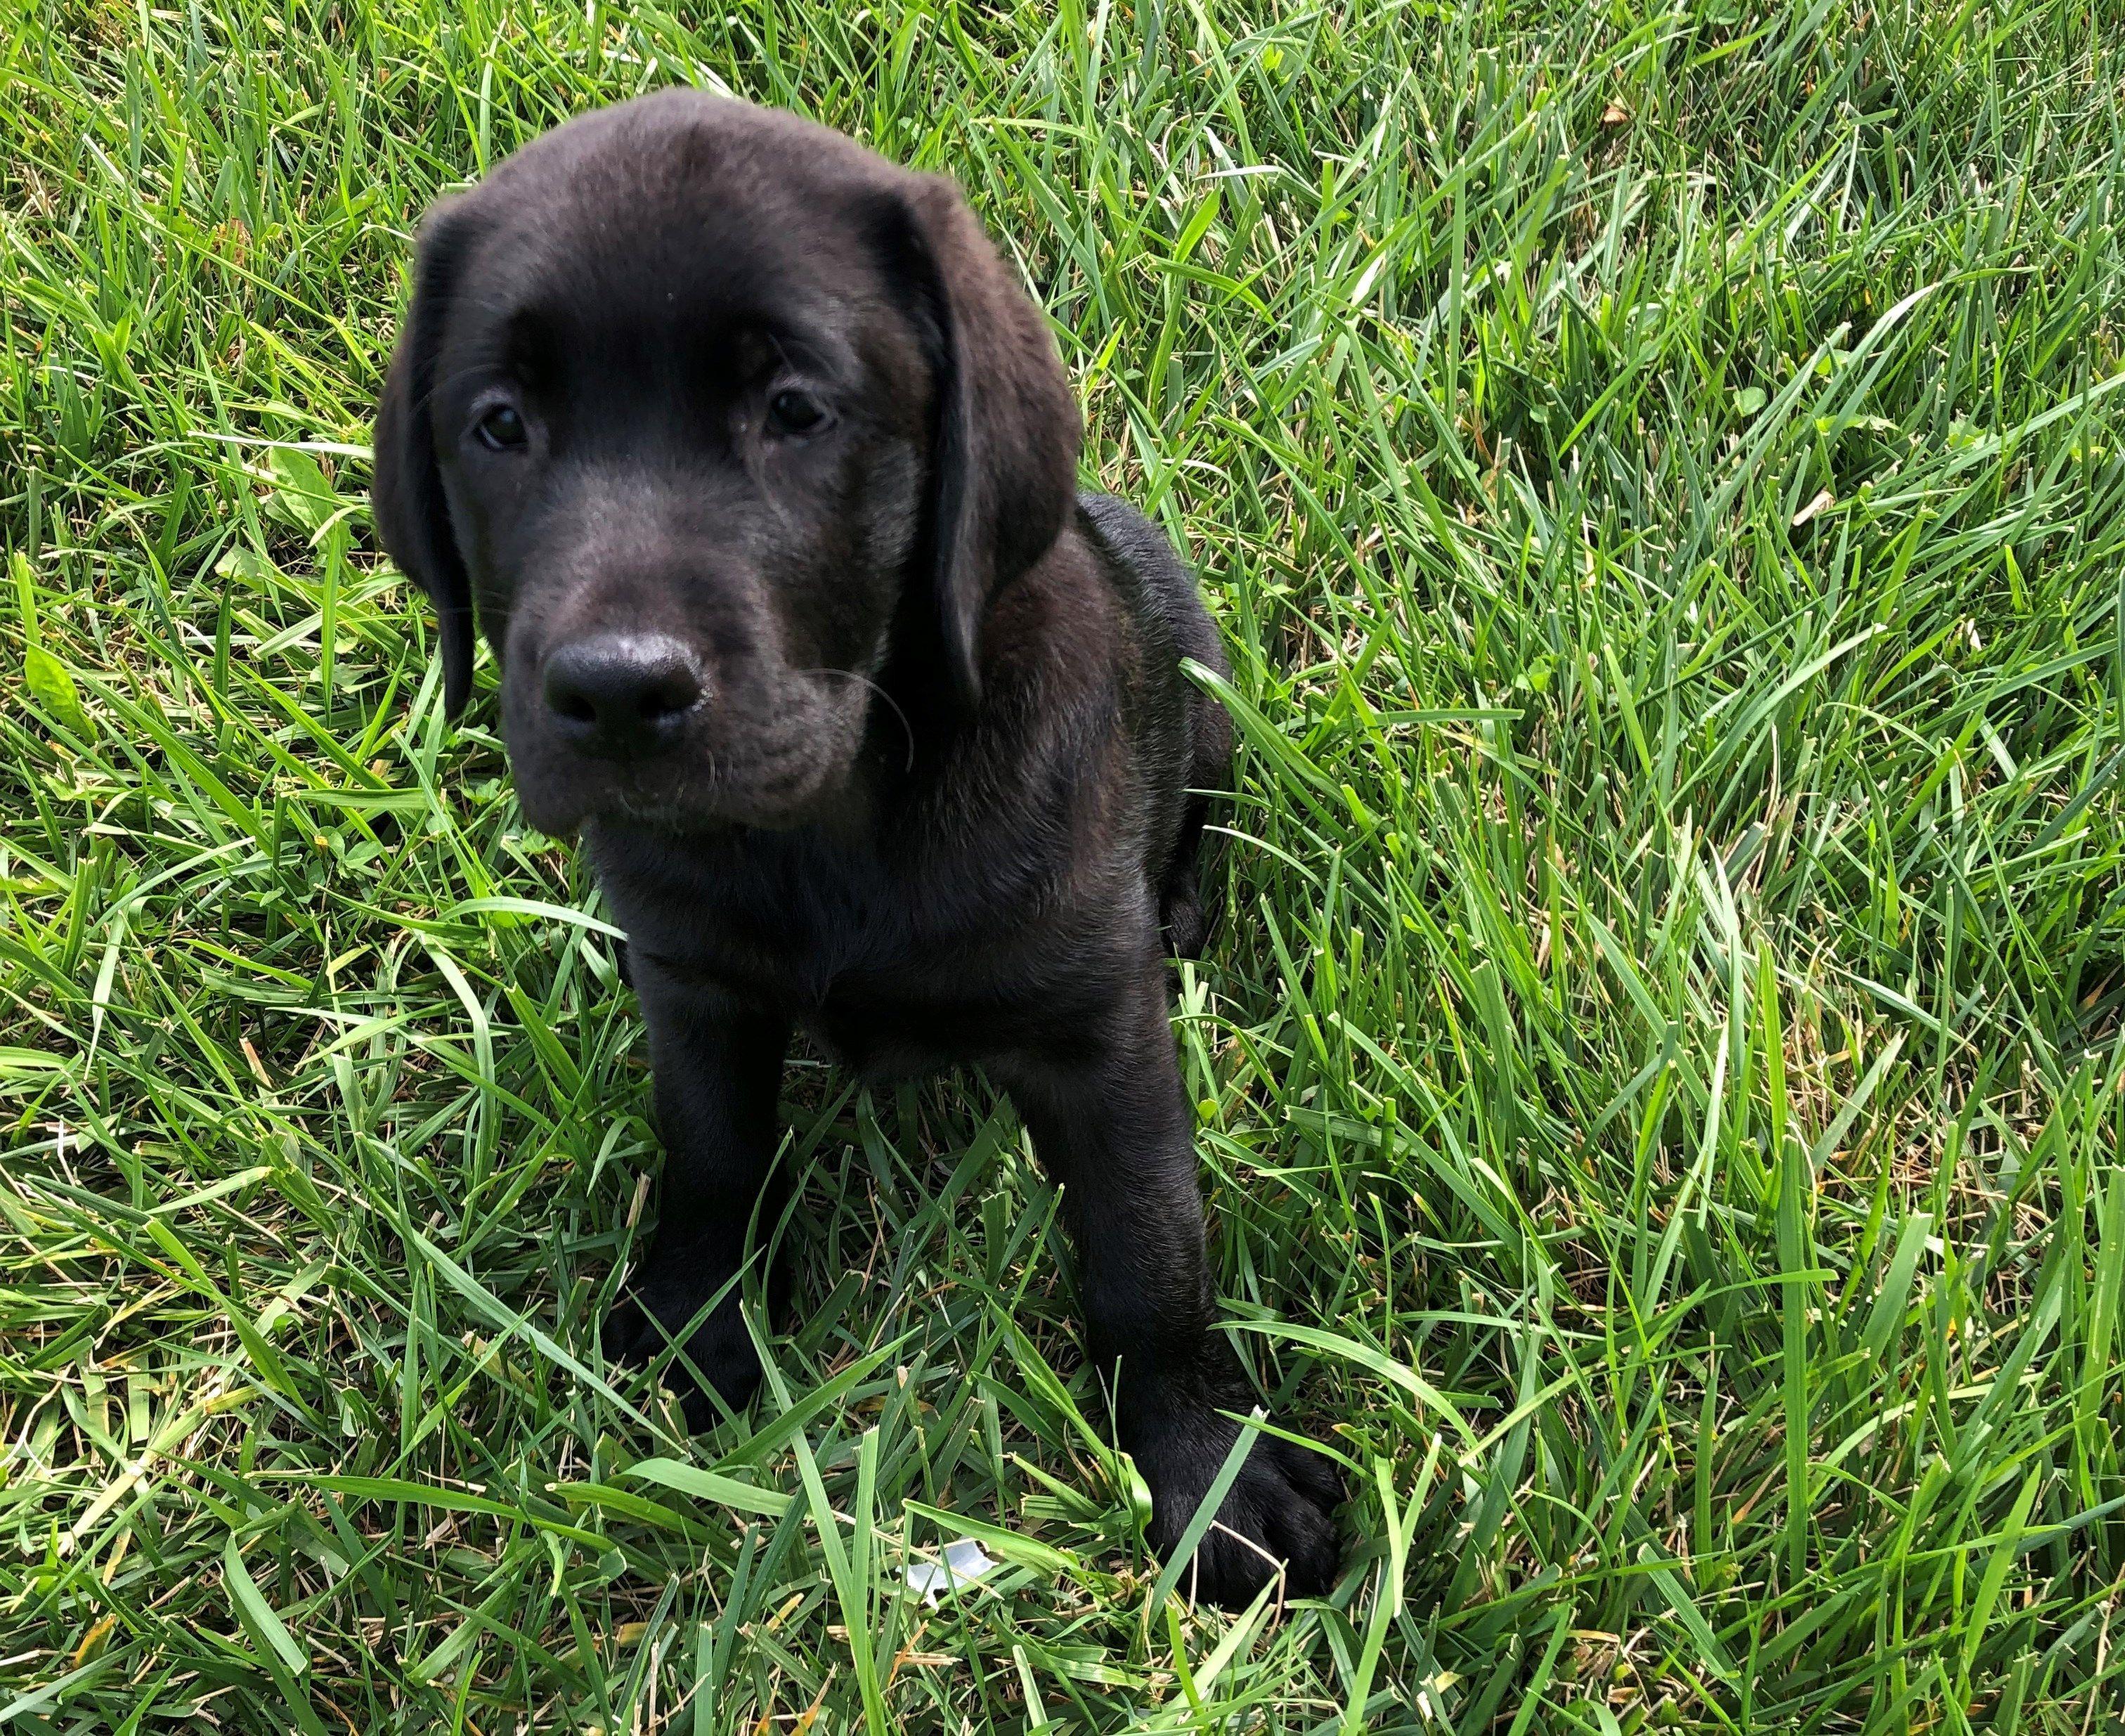 Petland Kansas City Has Labrador Retriever Puppies For Sale Check